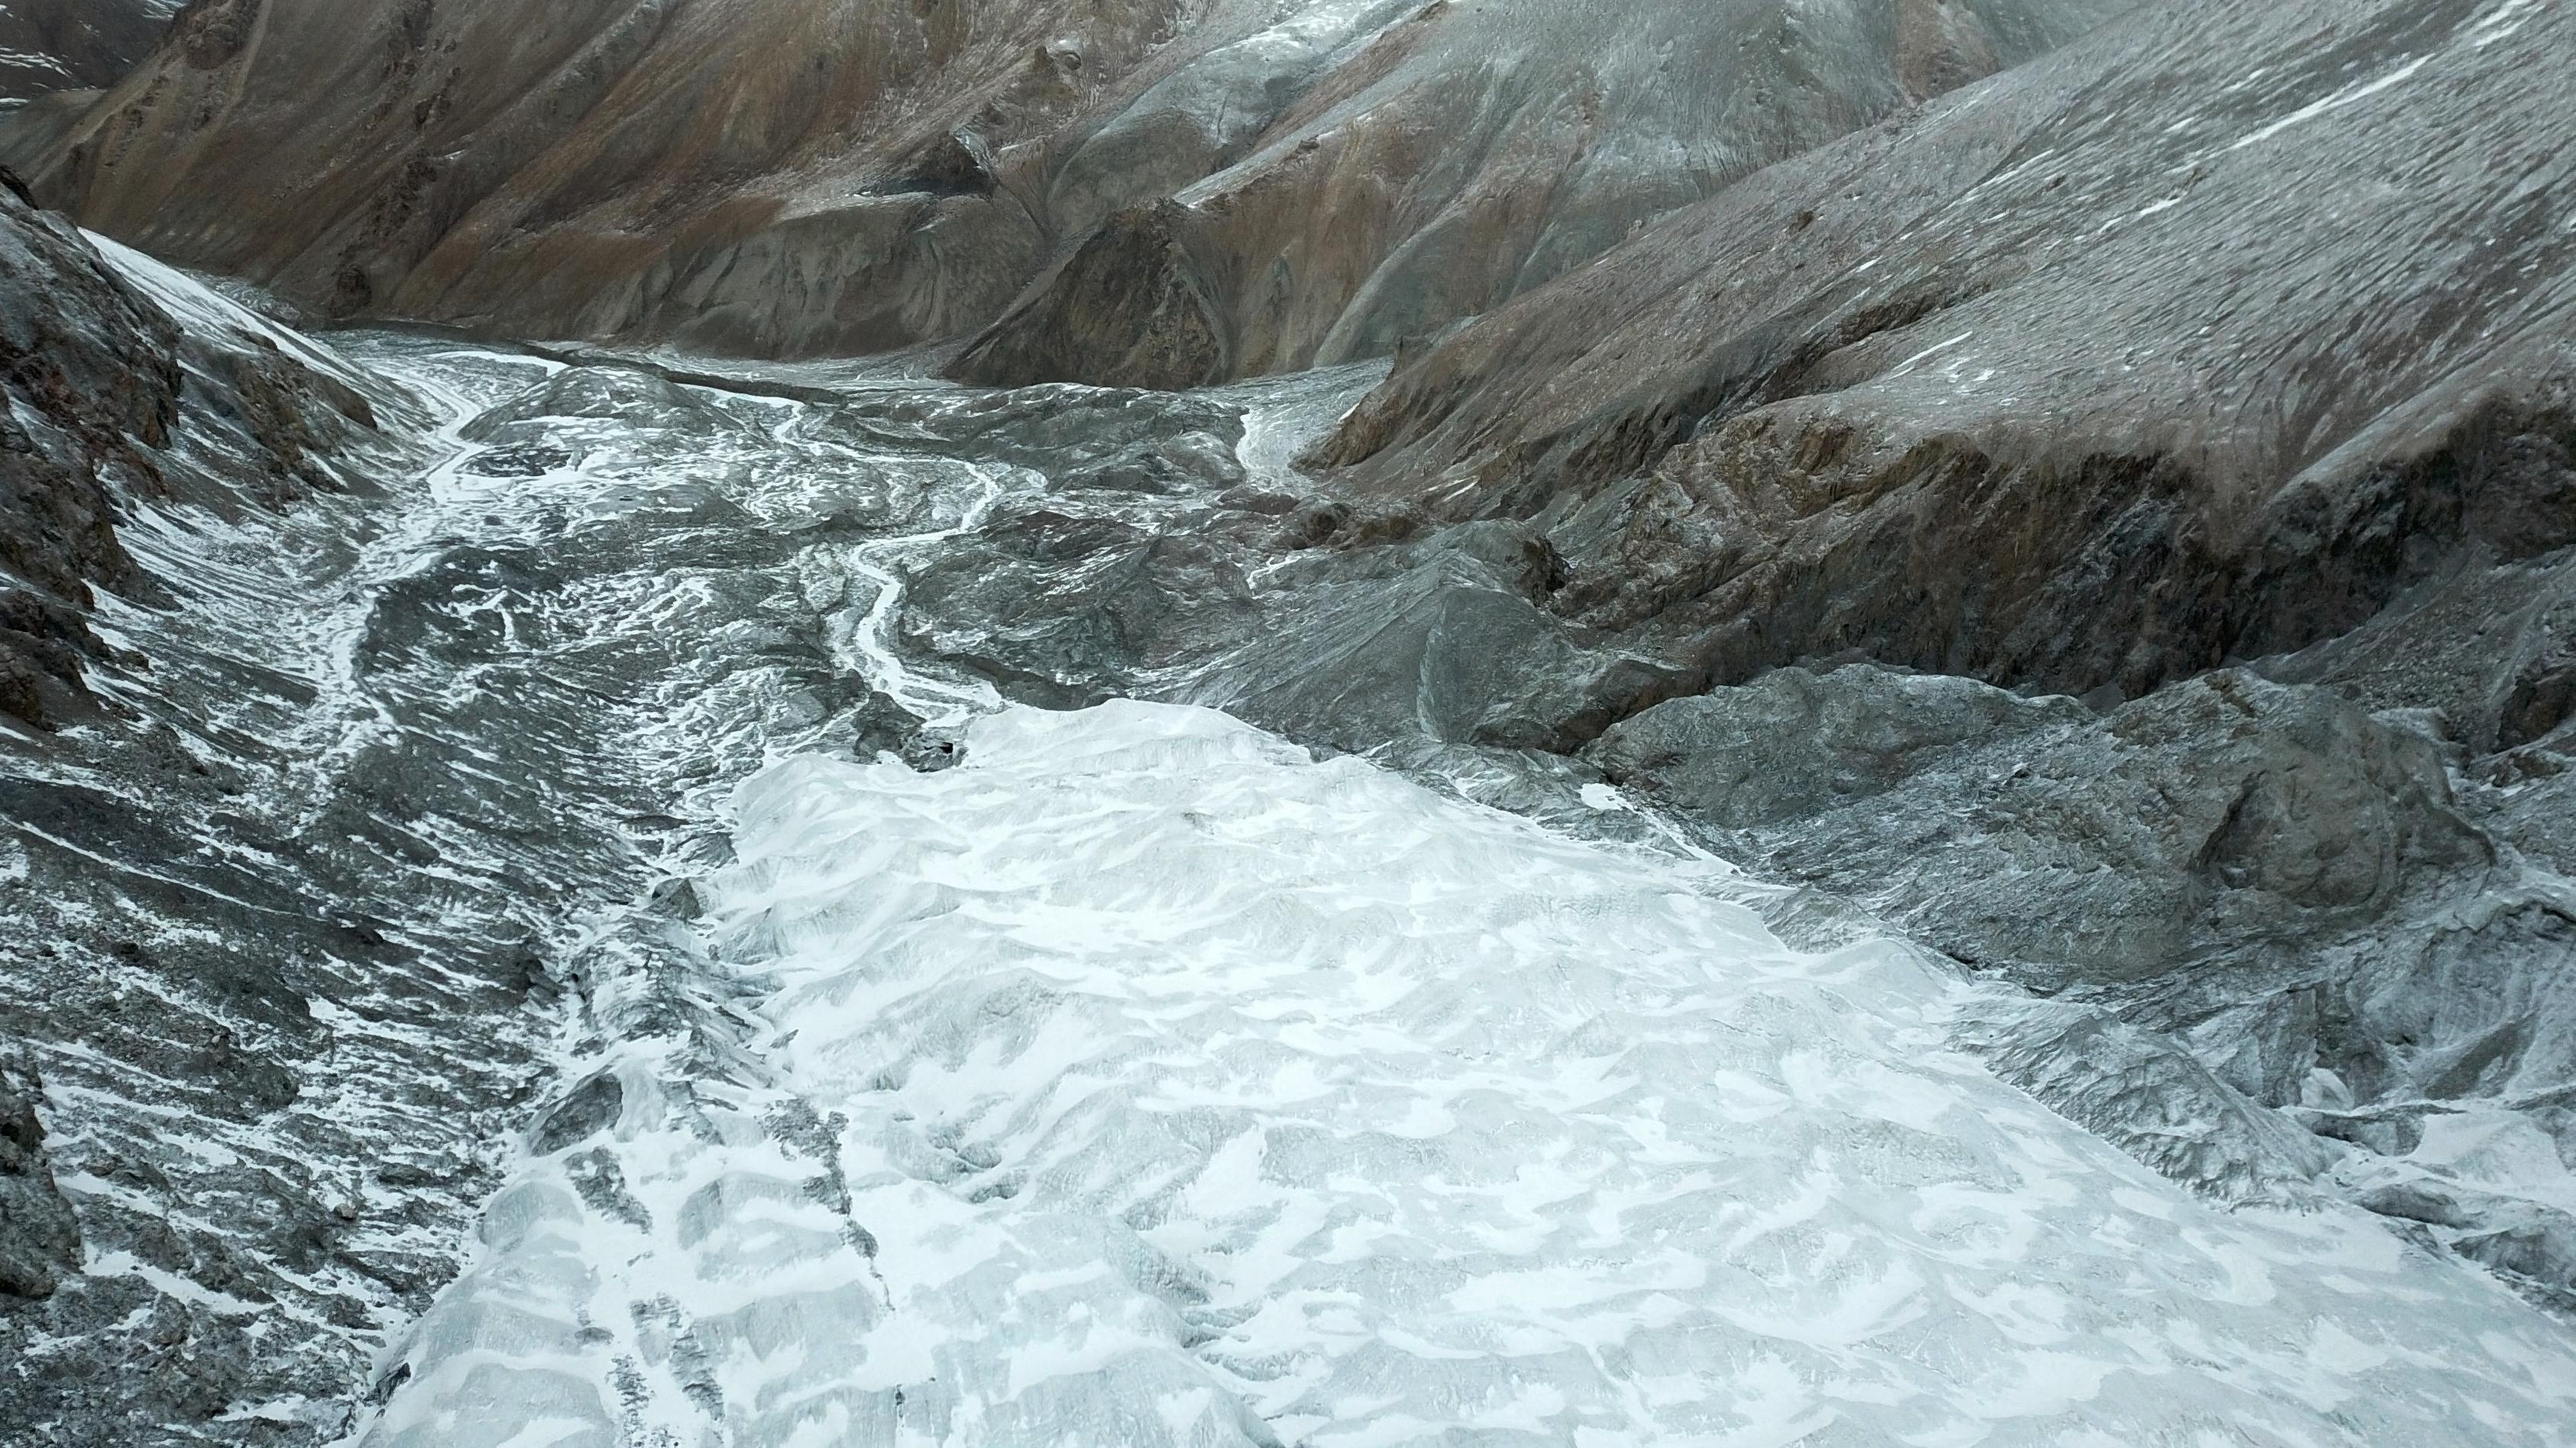 Das am 30. November 2017 aufgenommene Foto zeigt den Laohugou-Gletscher Nr. 12 in den Qilian-Bergen in der nordwestchinesischen Provinz Gansu. Alle touristischen Einrichtungen des Laohugou-Gletschers Nr. 12 wurden vollständig entfernt, um den Gletscher zu erhalten.